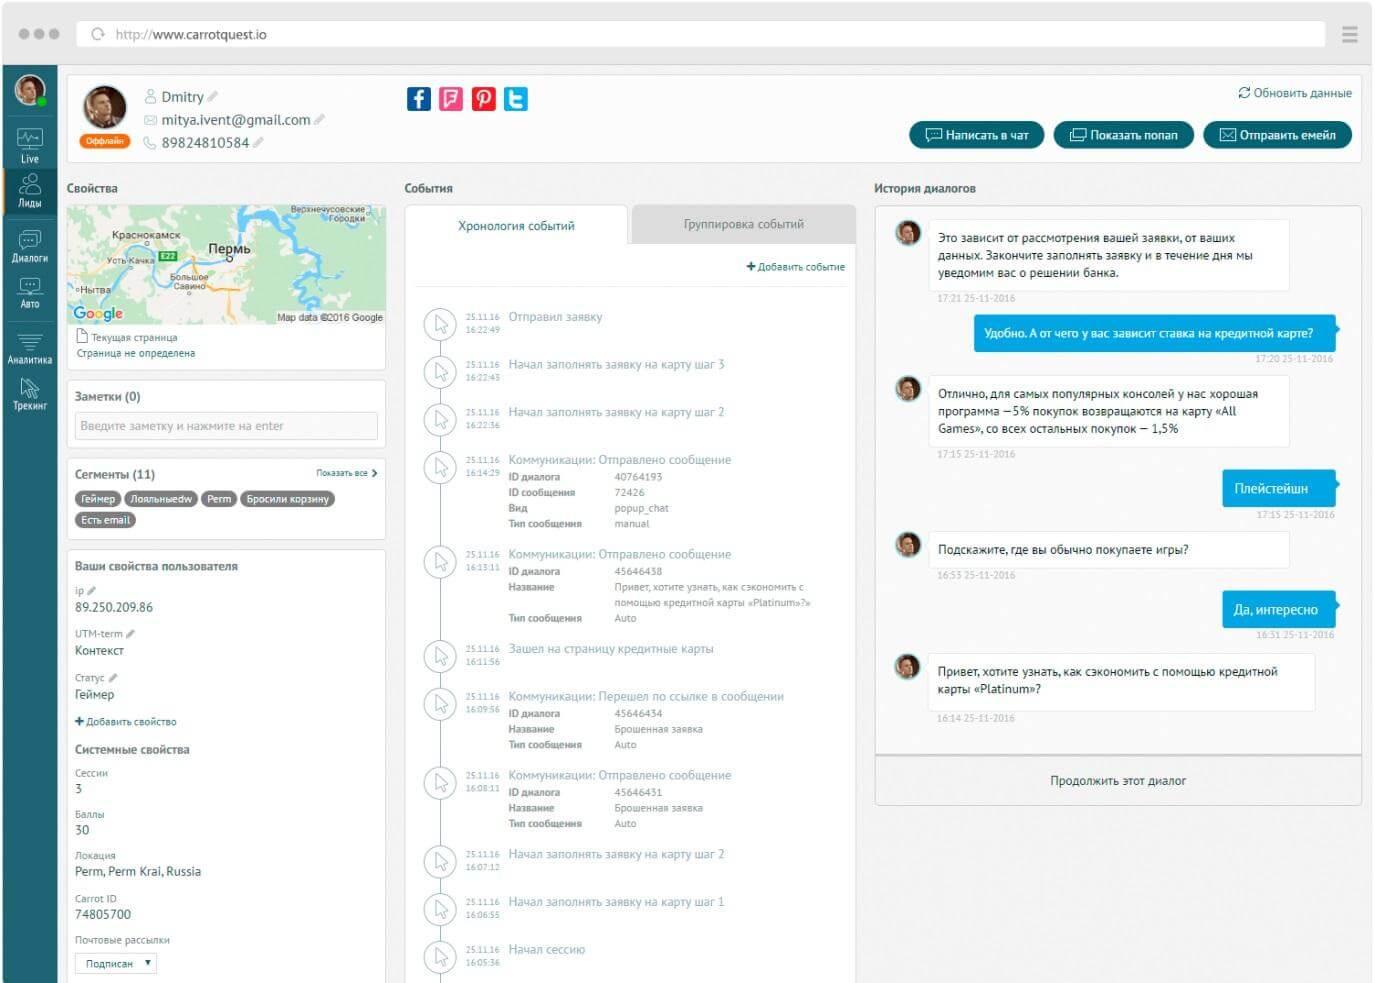 Автоматический сбор информации о пользователе